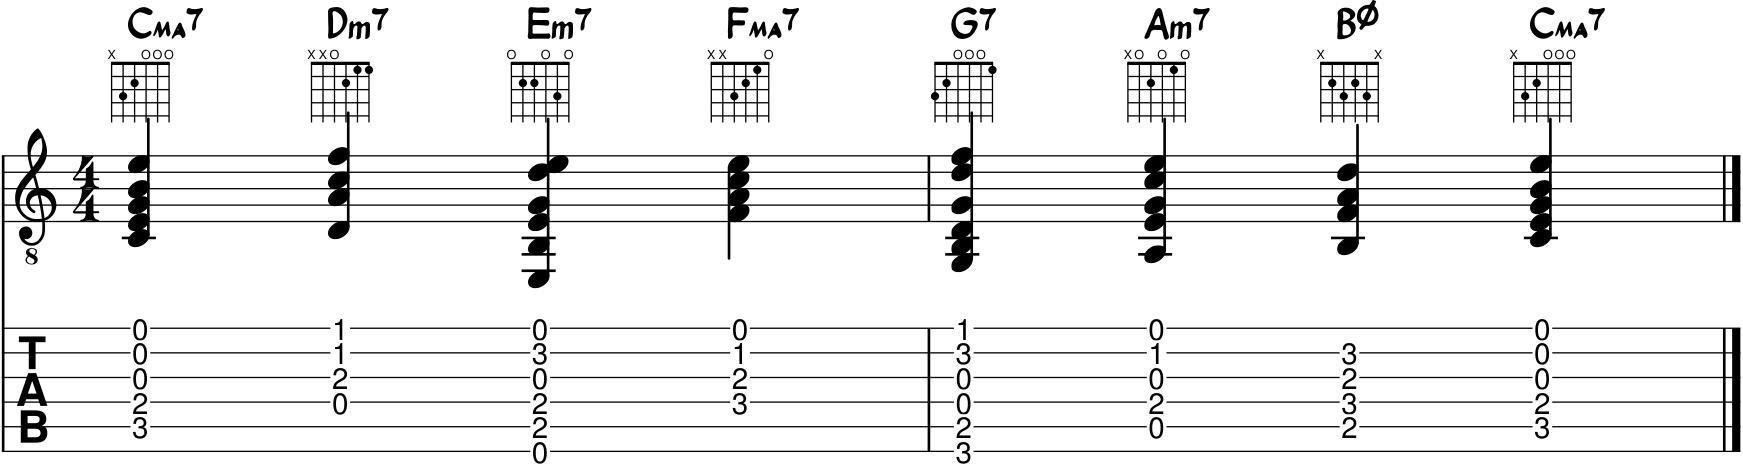 Acordes Derivados de la Escala Mayor en la Guitarra - Angel\'s Guitar